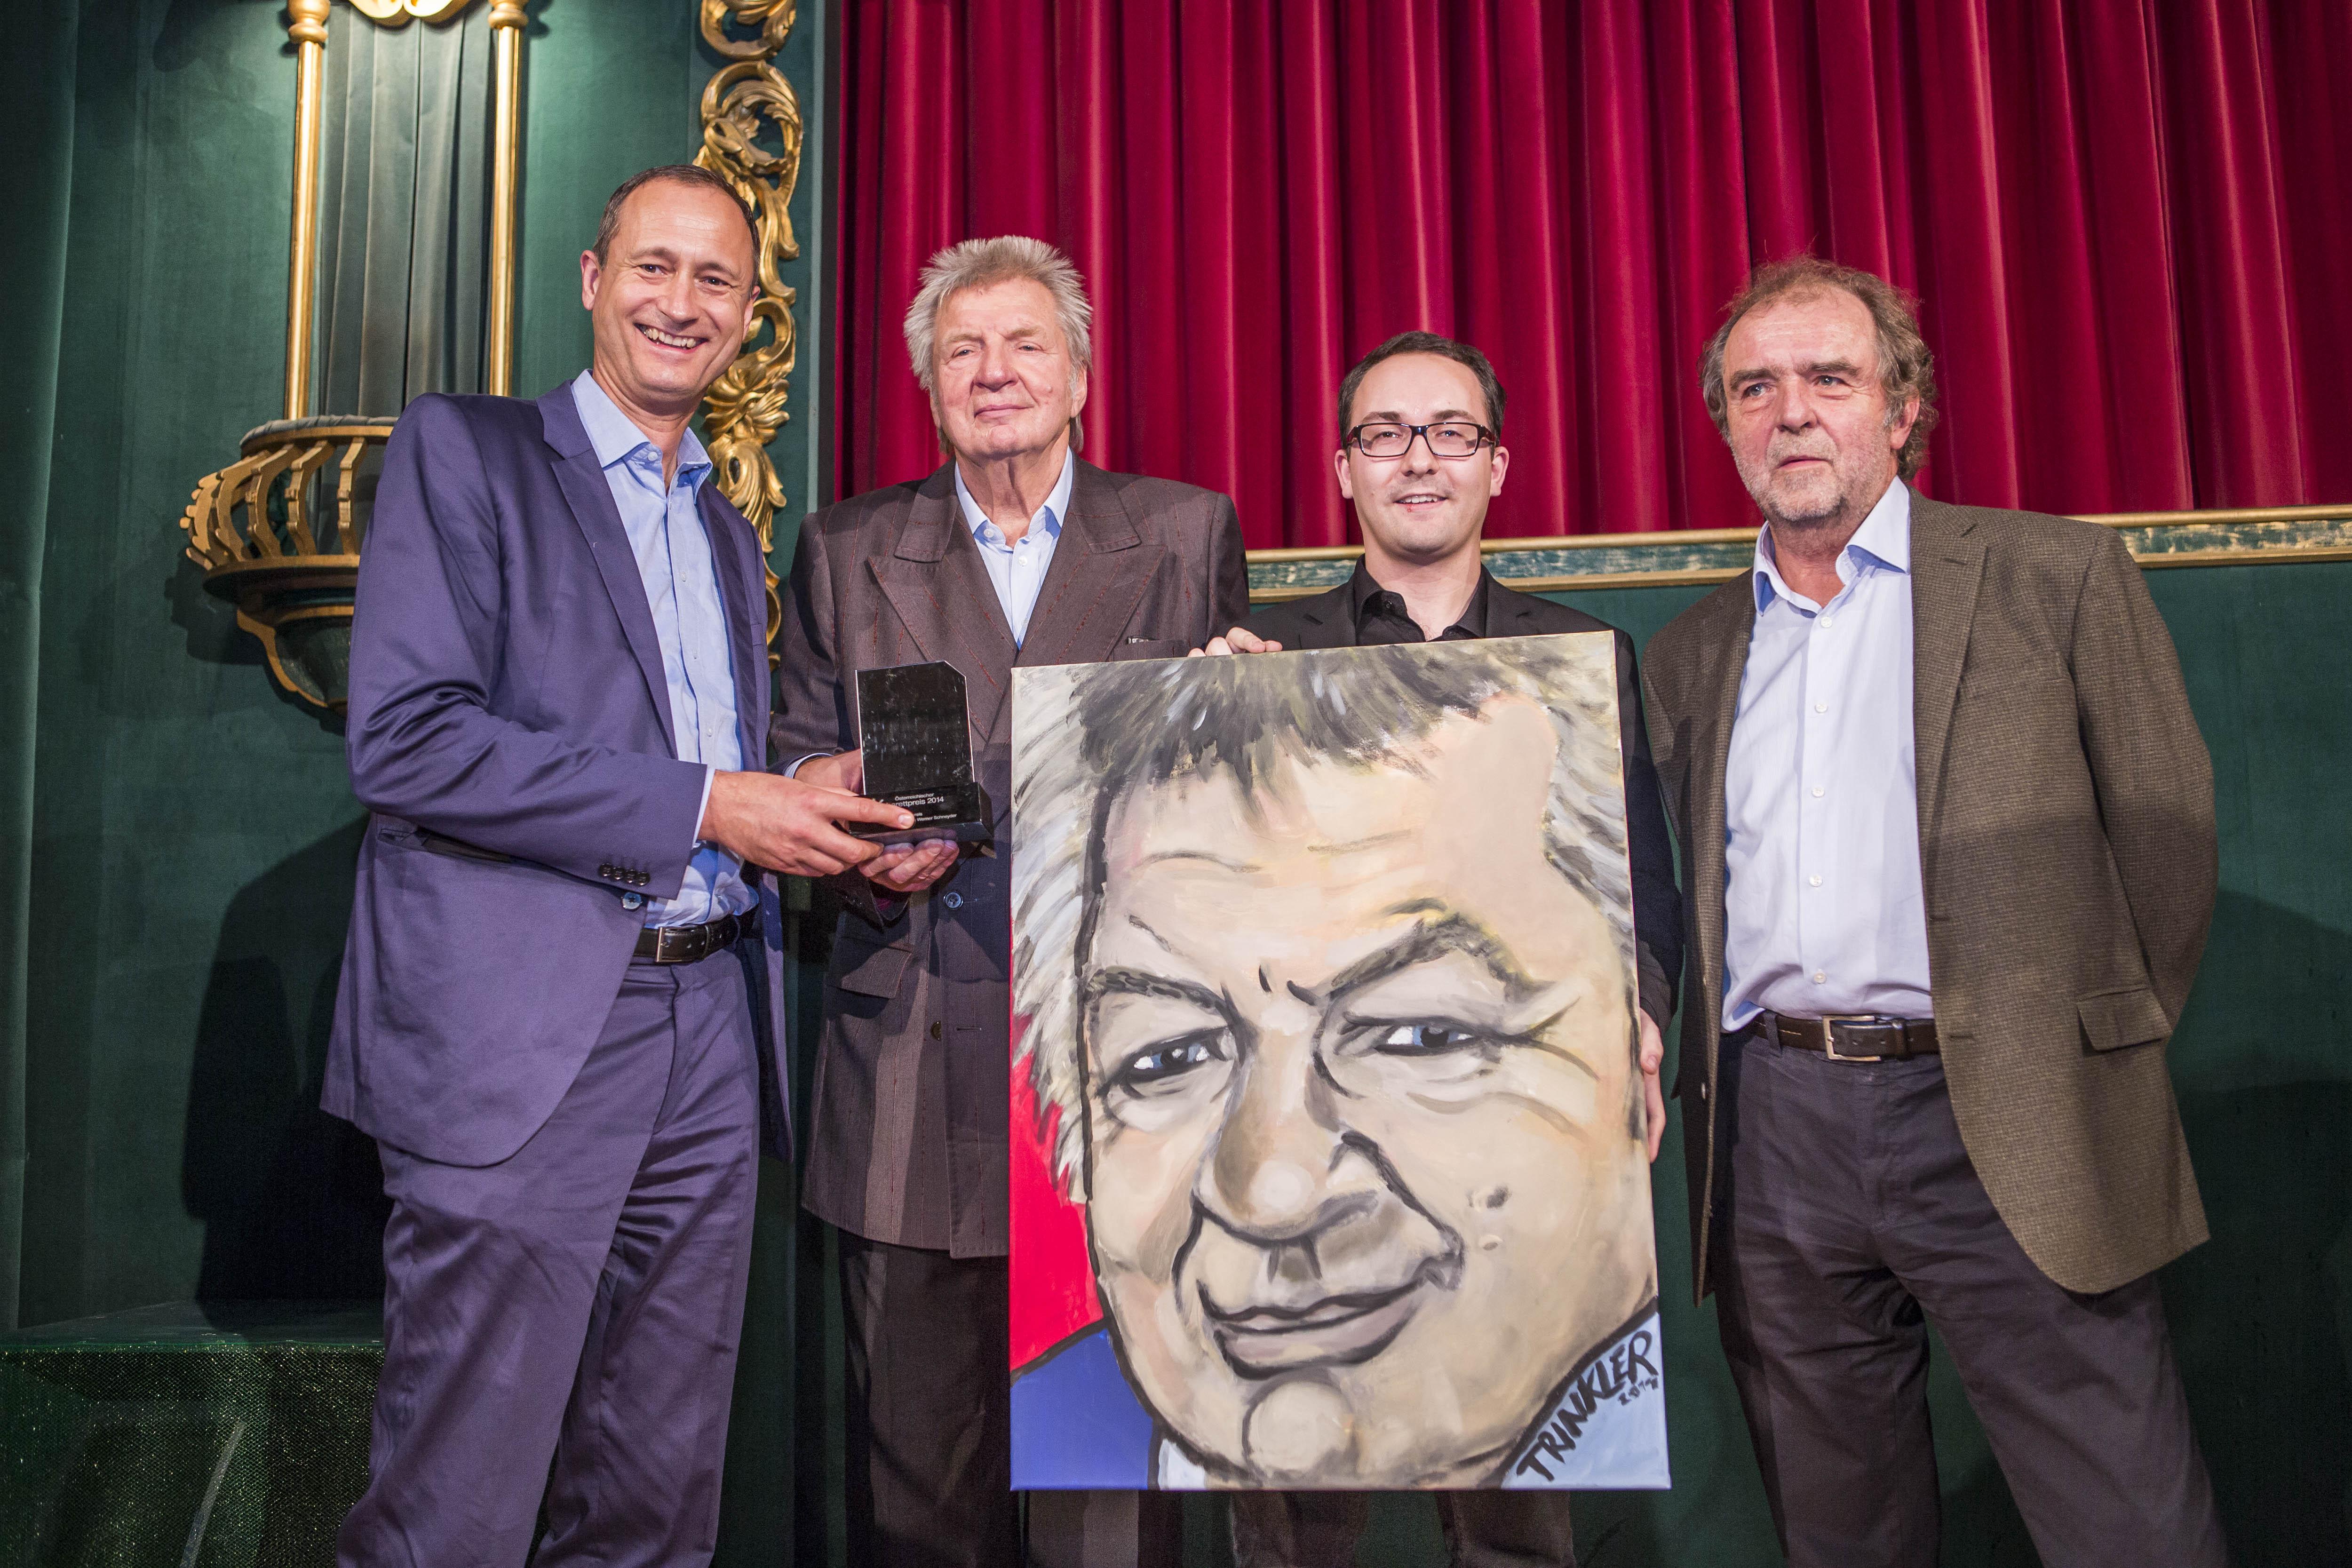 Andreas Mailath-Pokorny, Werner Schneyder, Reinhard Trinkler